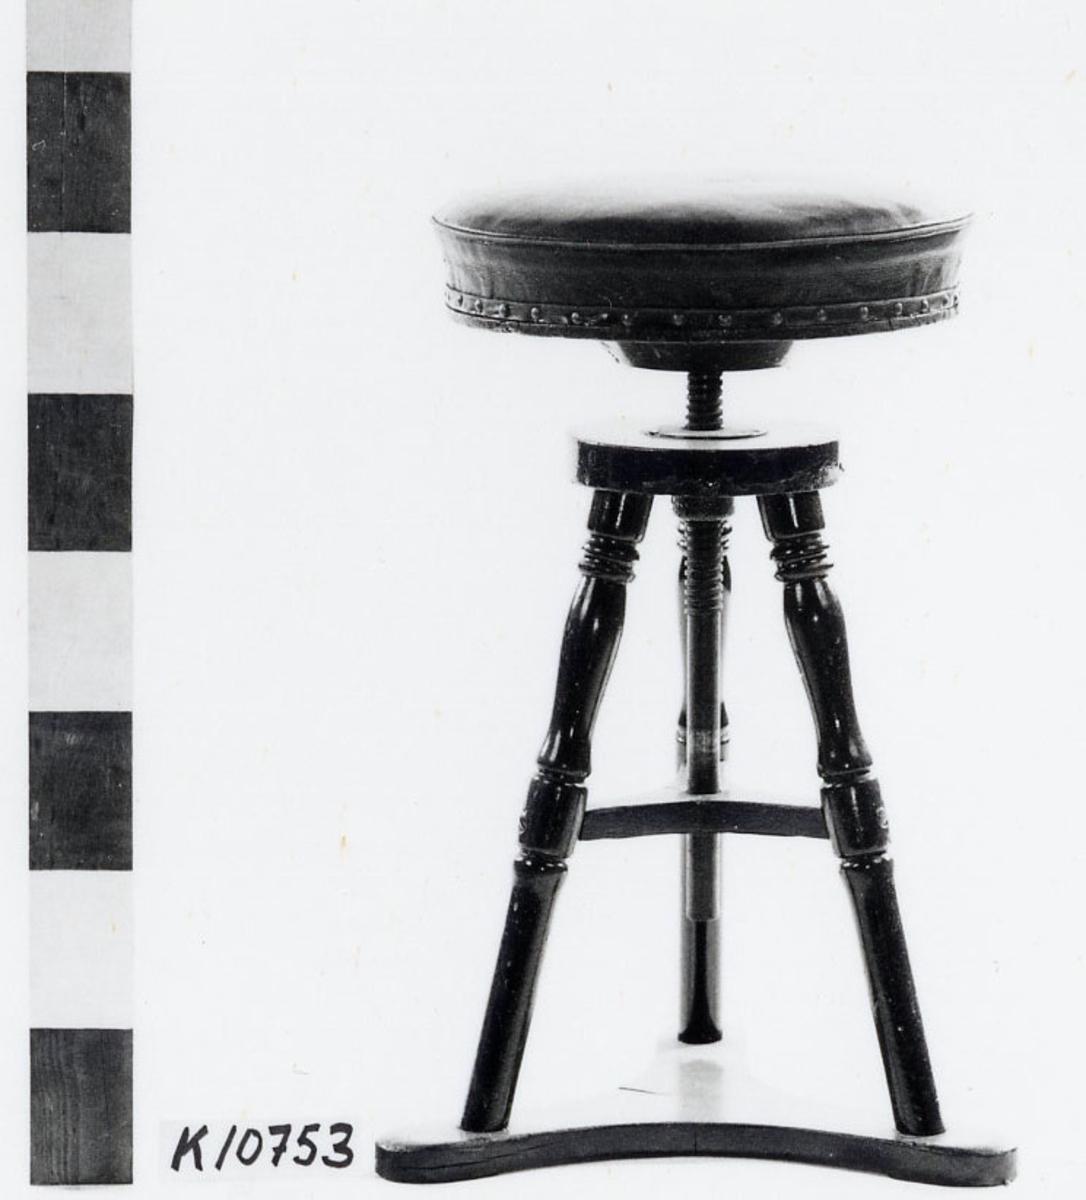 Skrivbordsstol av mahogny, även kallad skruvstol (pall). Rund sits, stoppad och klädd med skinn. Tre svarvade ben stående på triangulär fot. Skruv för höjning och sänkning av sitsen.